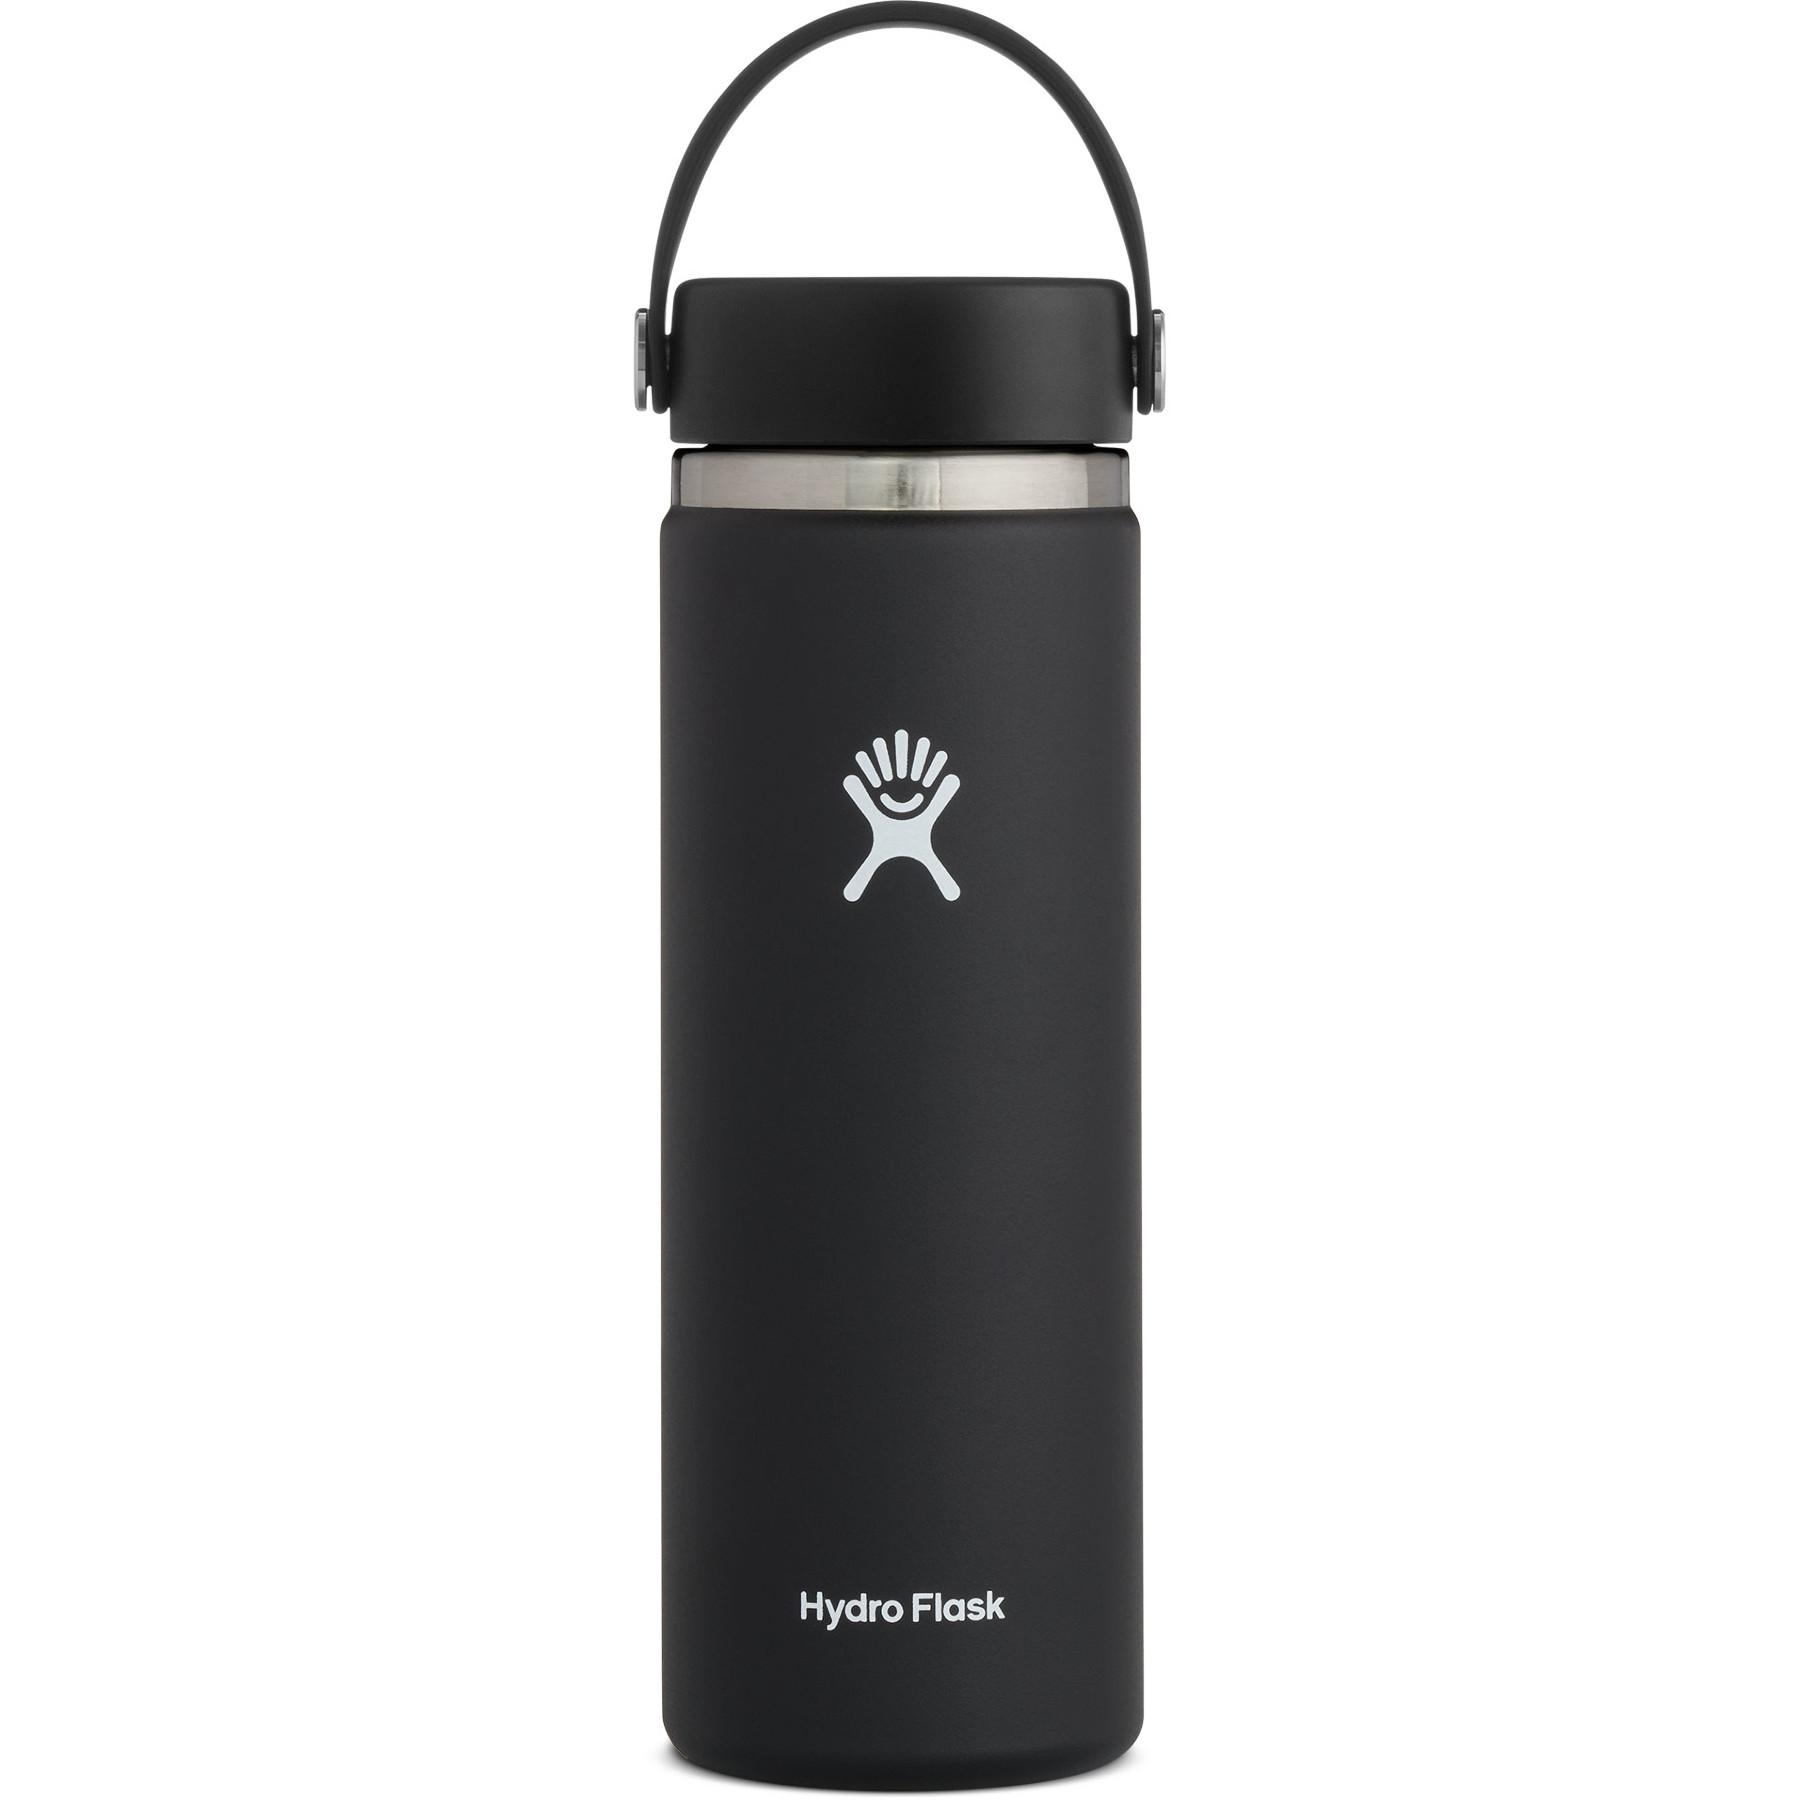 Produktbild von Hydro Flask 20oz Wide Mouth Flex Cap Thermoflasche 591ml - Black